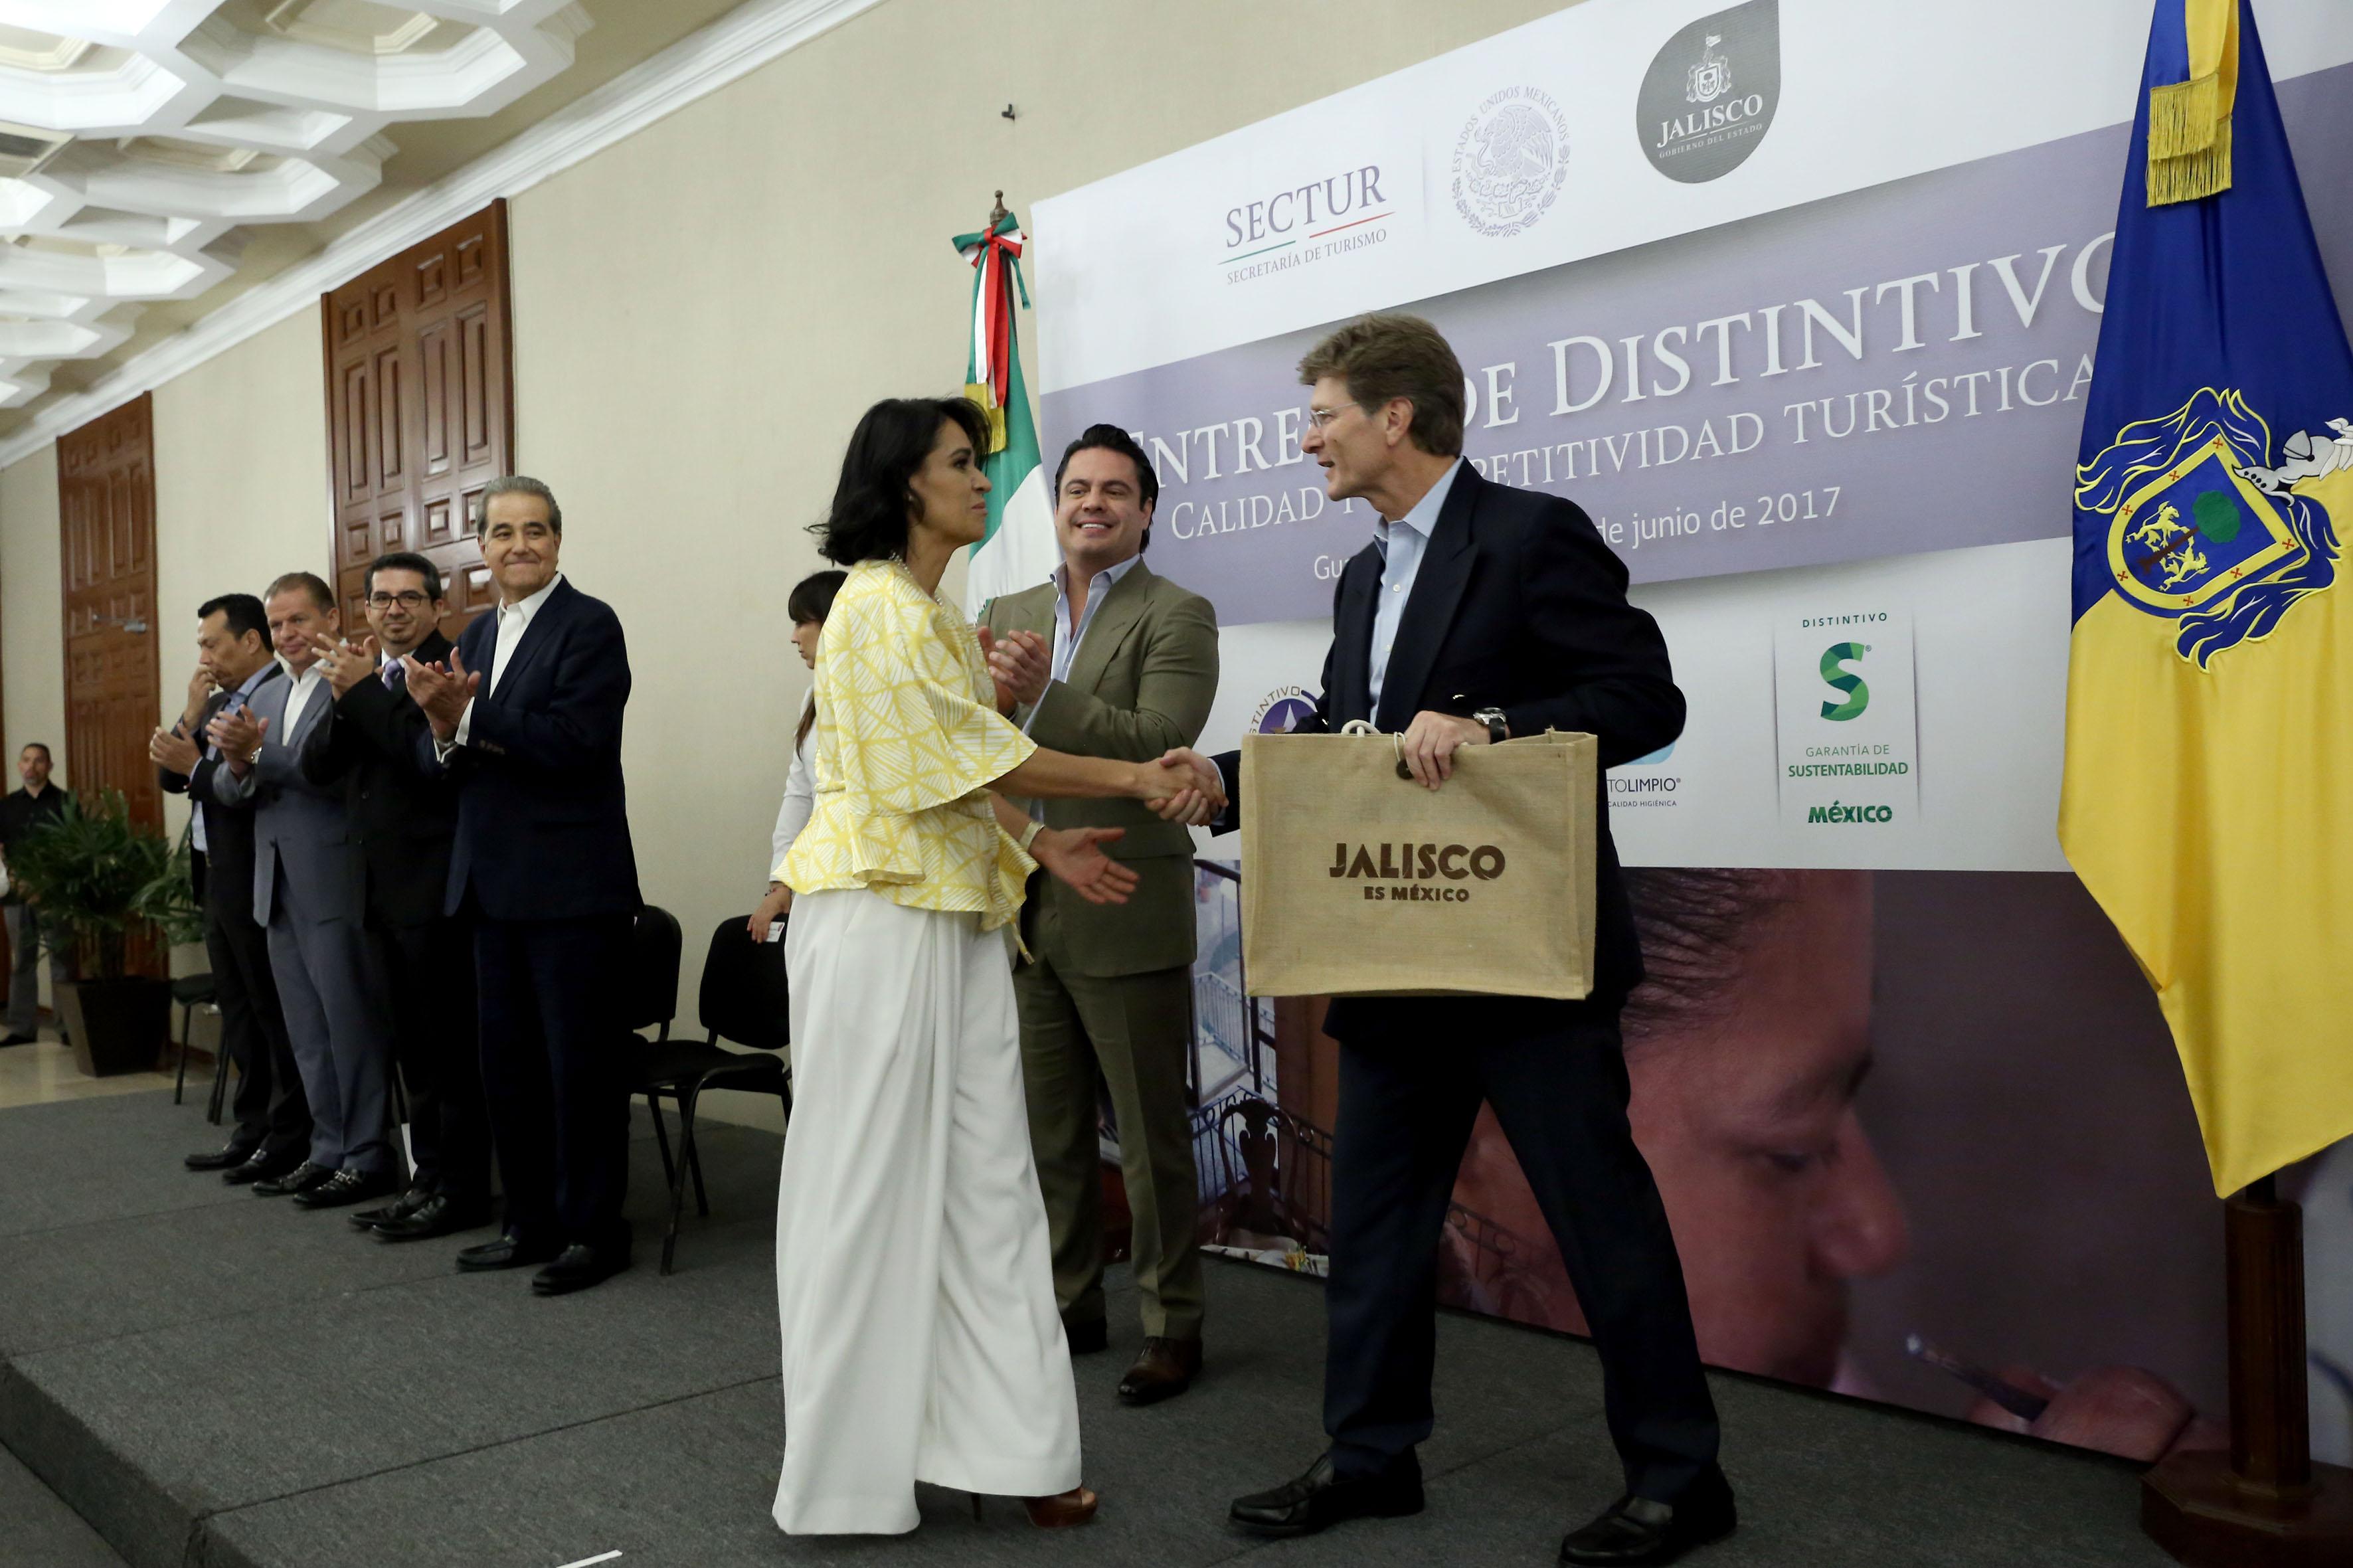 Licenciada Lucía Verónica Vargas Sánchez, directora de la Empresa Servicios Universitarios (ESEU), recibiendo distintivos de Calidad y competitividad turística, durante la ceremonia.